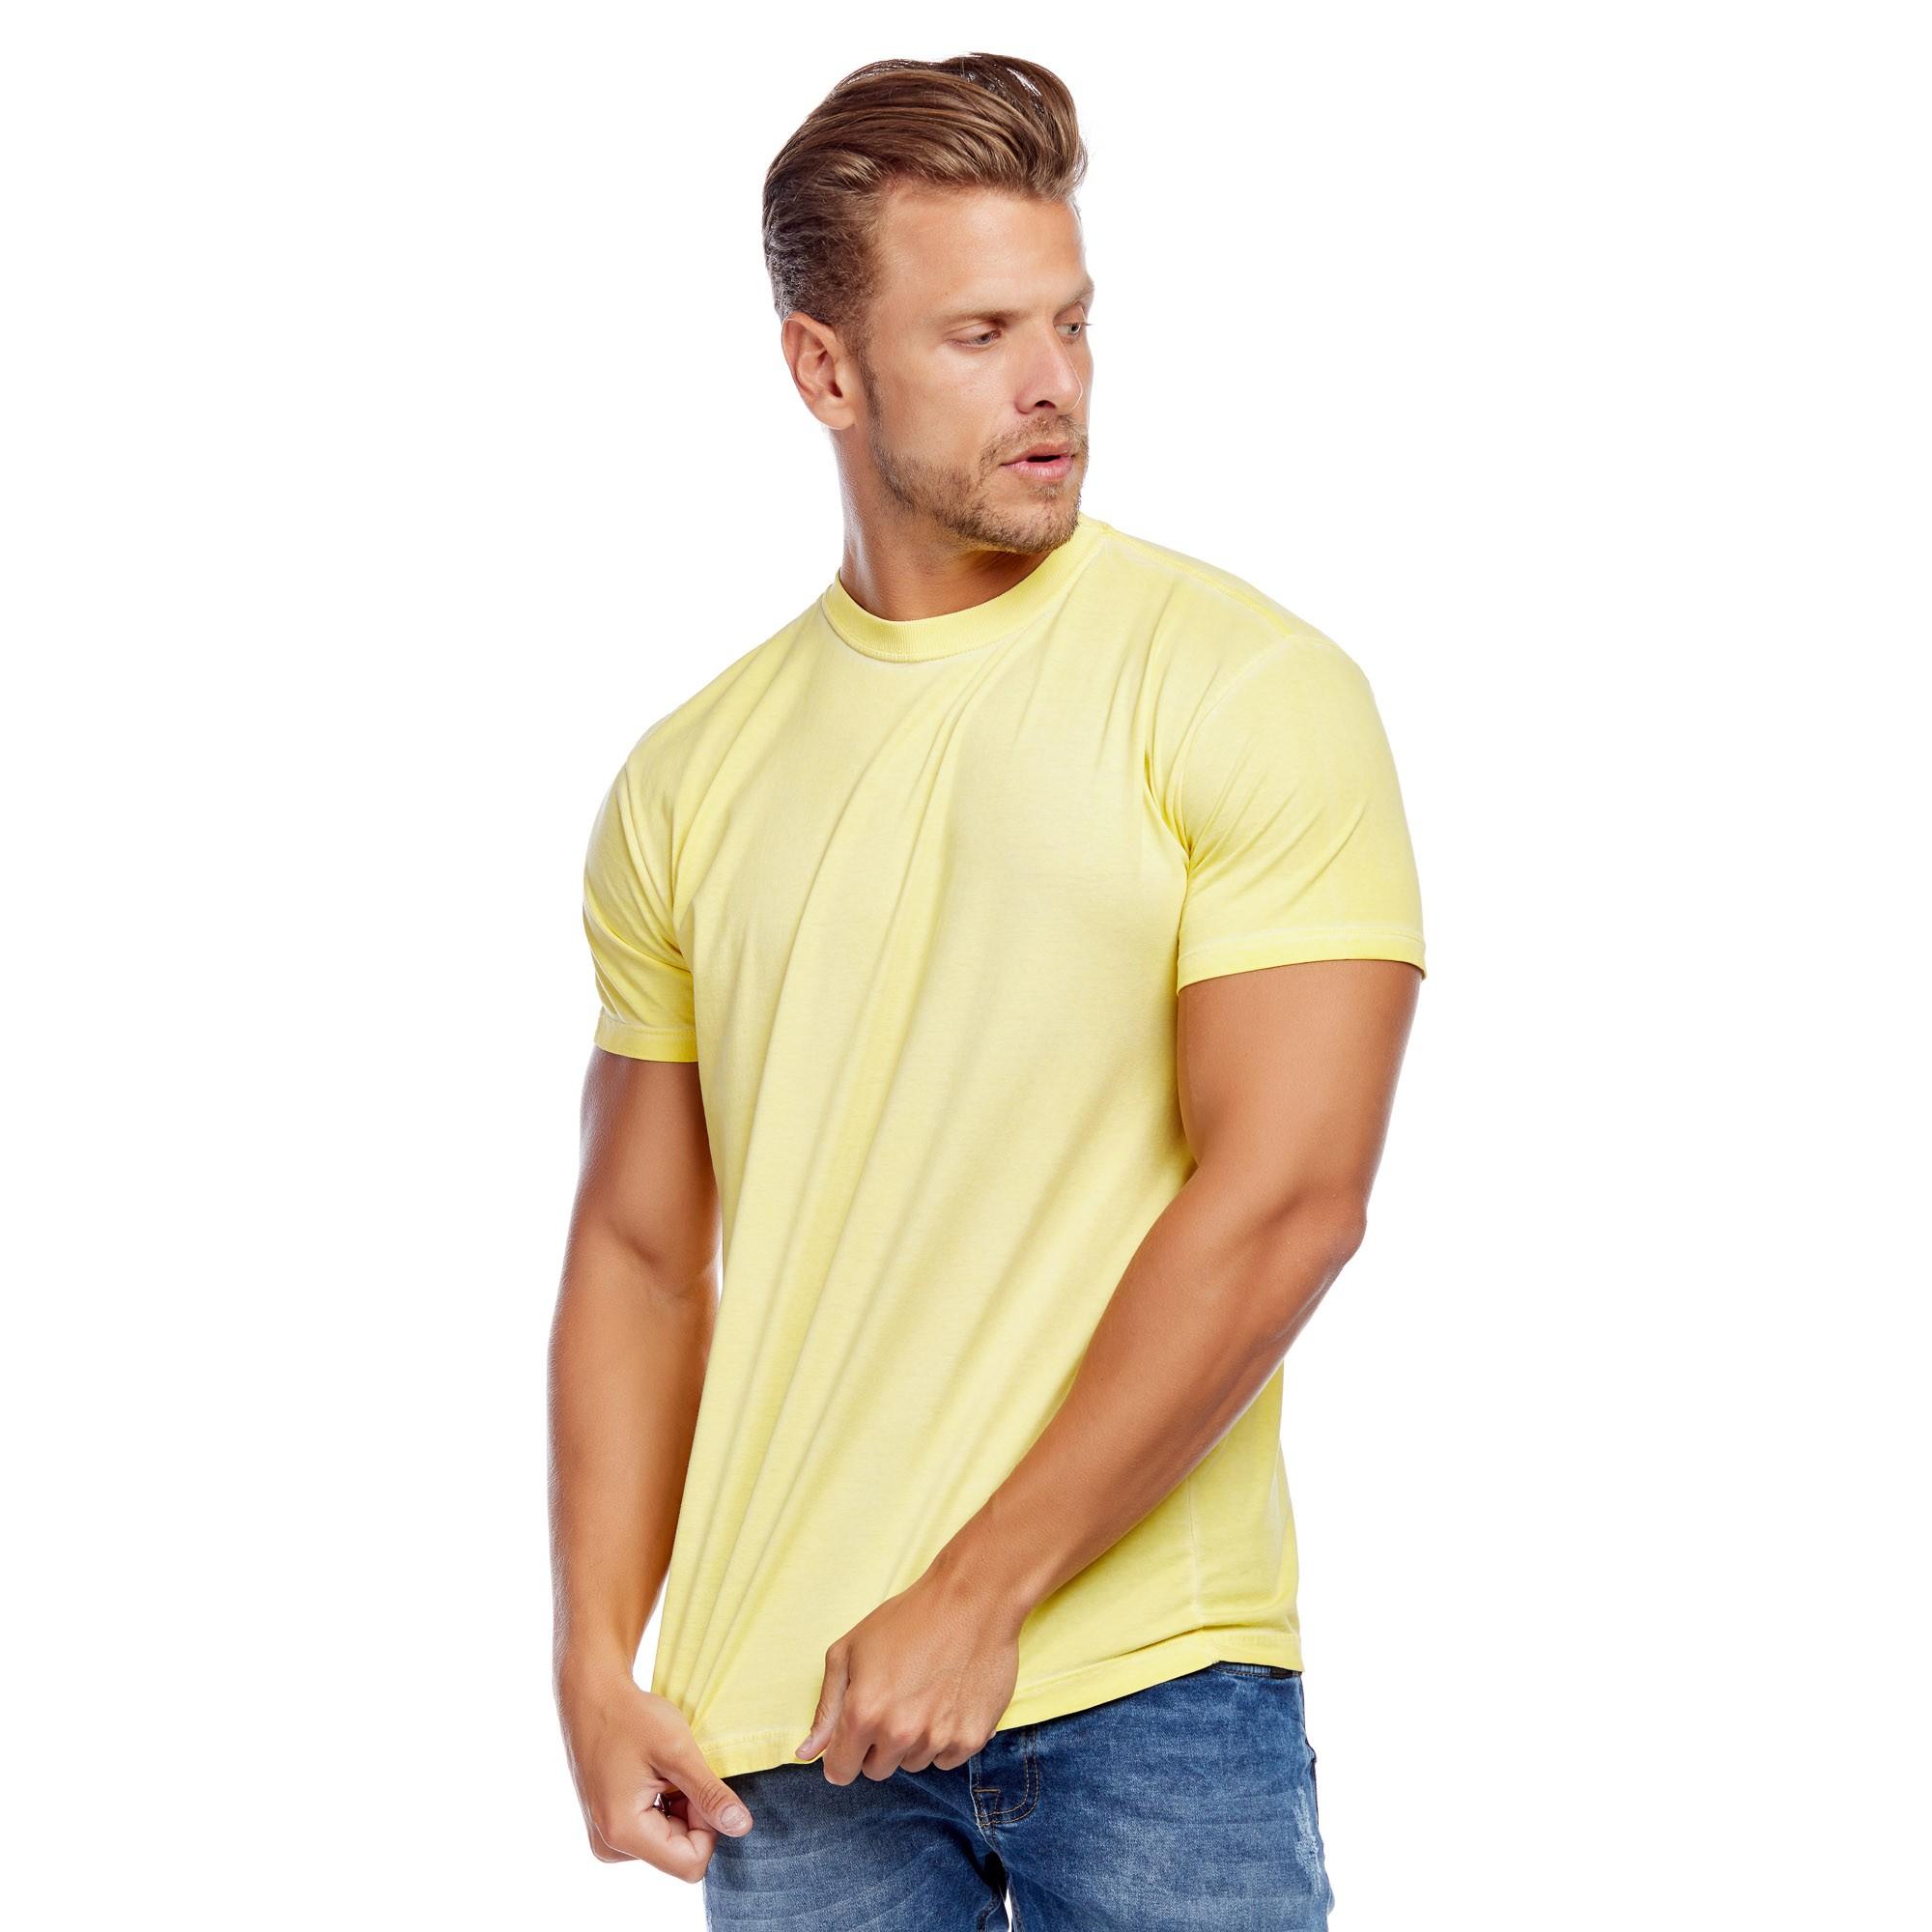 Camiseta Masculina Tingimento a Seco Evolvee